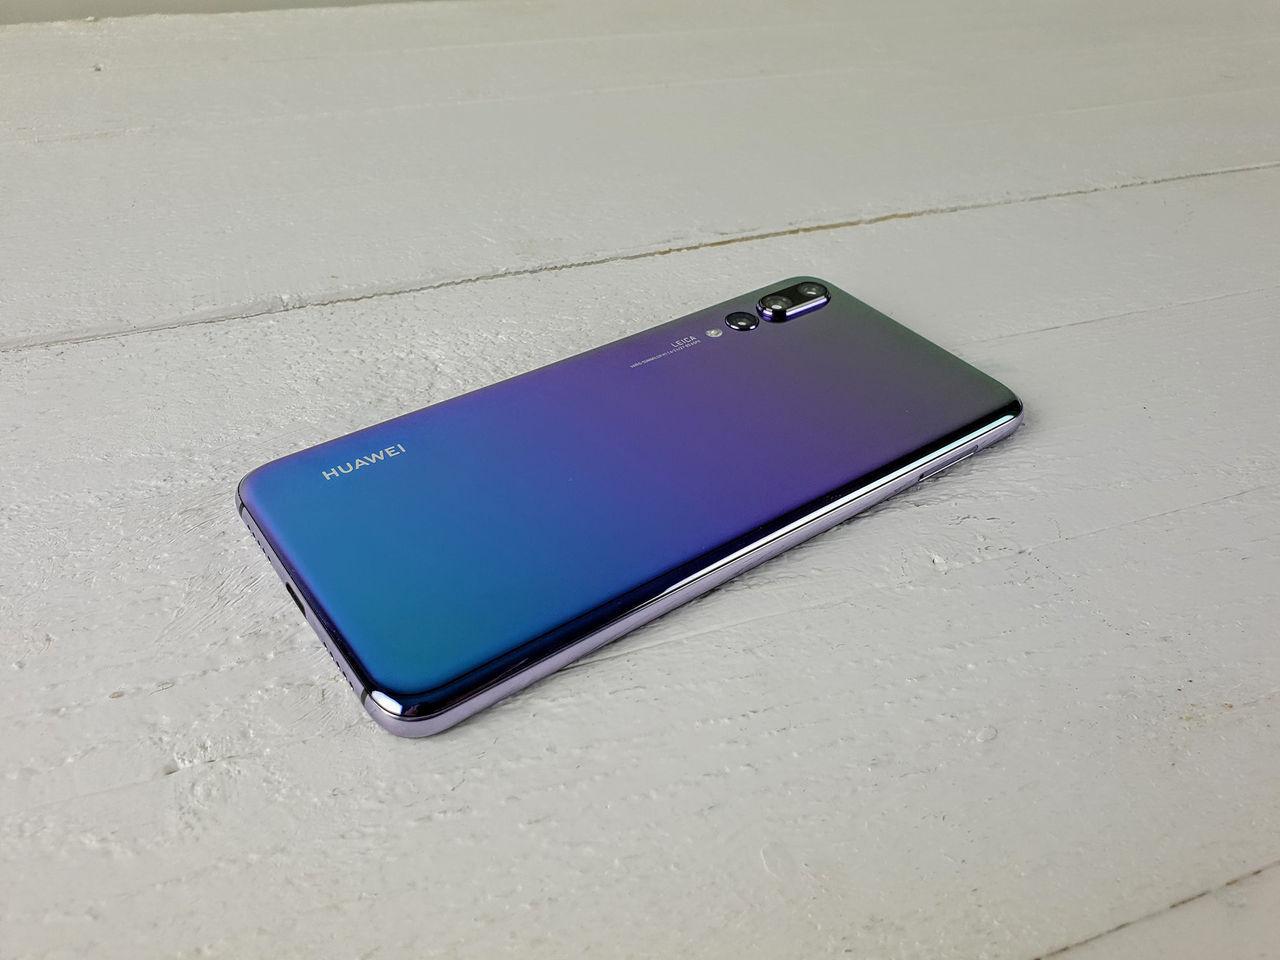 Huawei har gjort ett eget operativsystem för mobiler